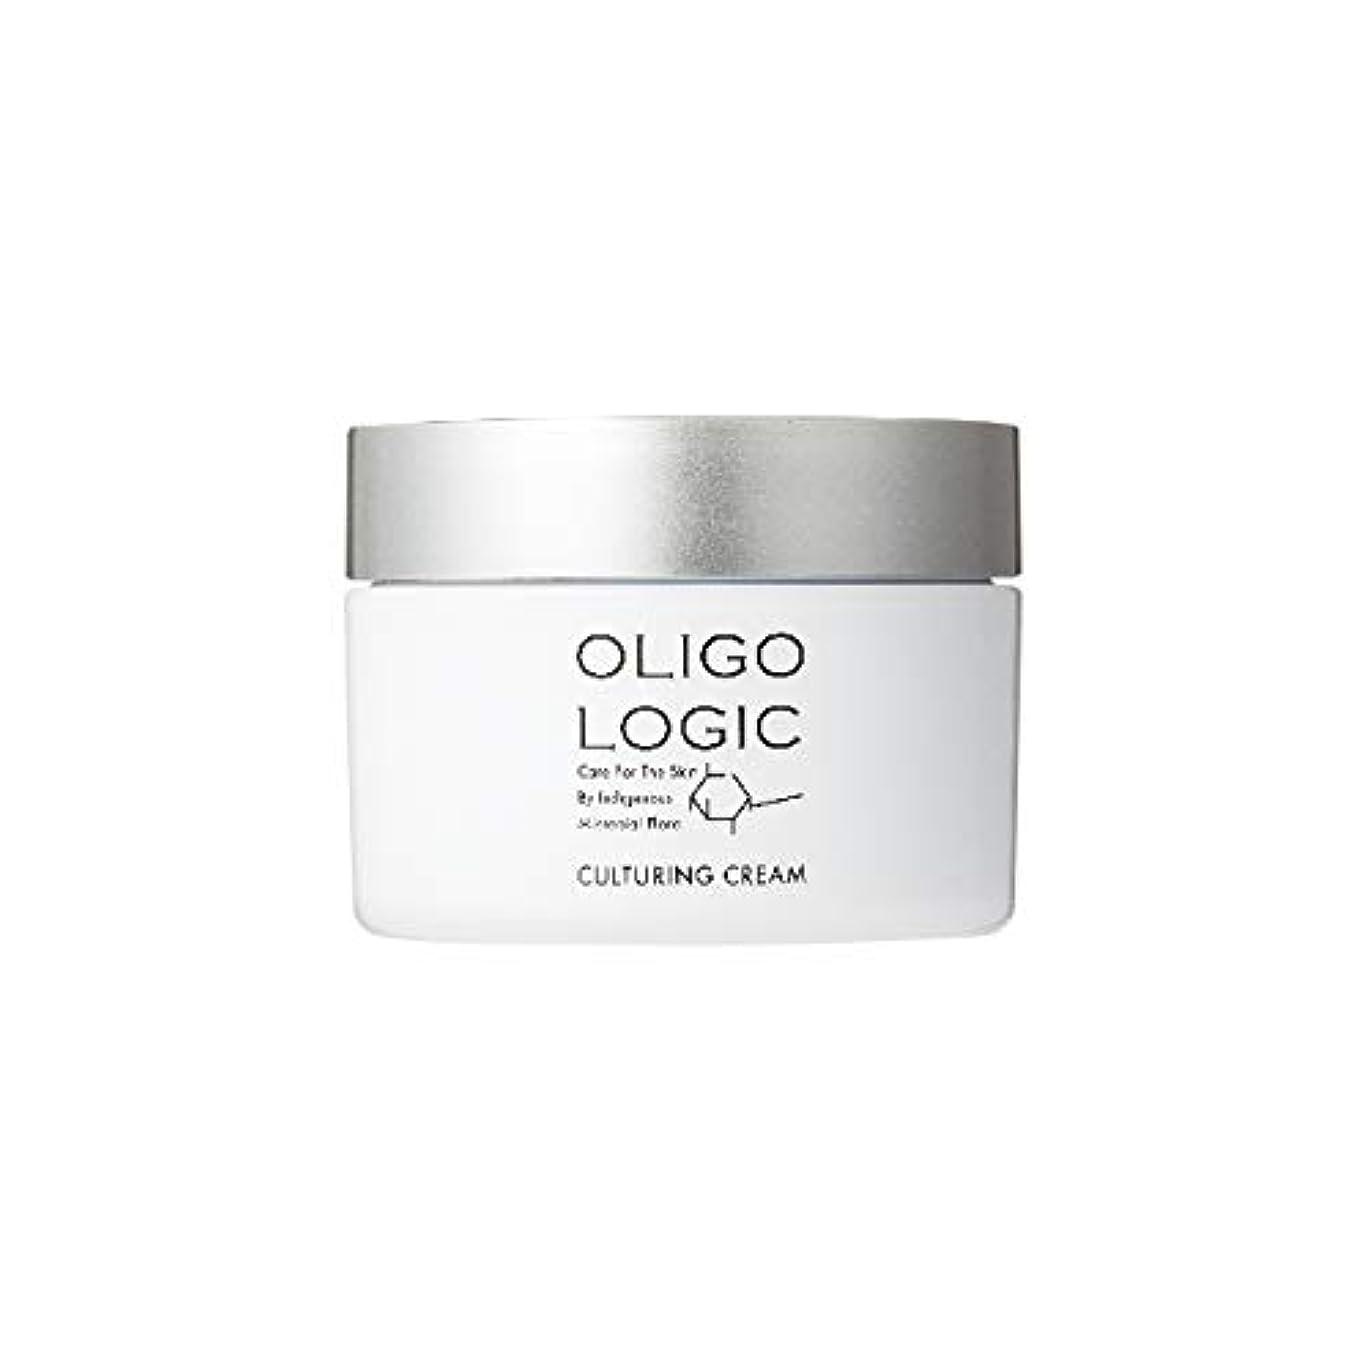 雄弁早く復活オリゴロジック (oligologic) オリゴロジック カルチャリングクリーム 80g (美容クリーム)